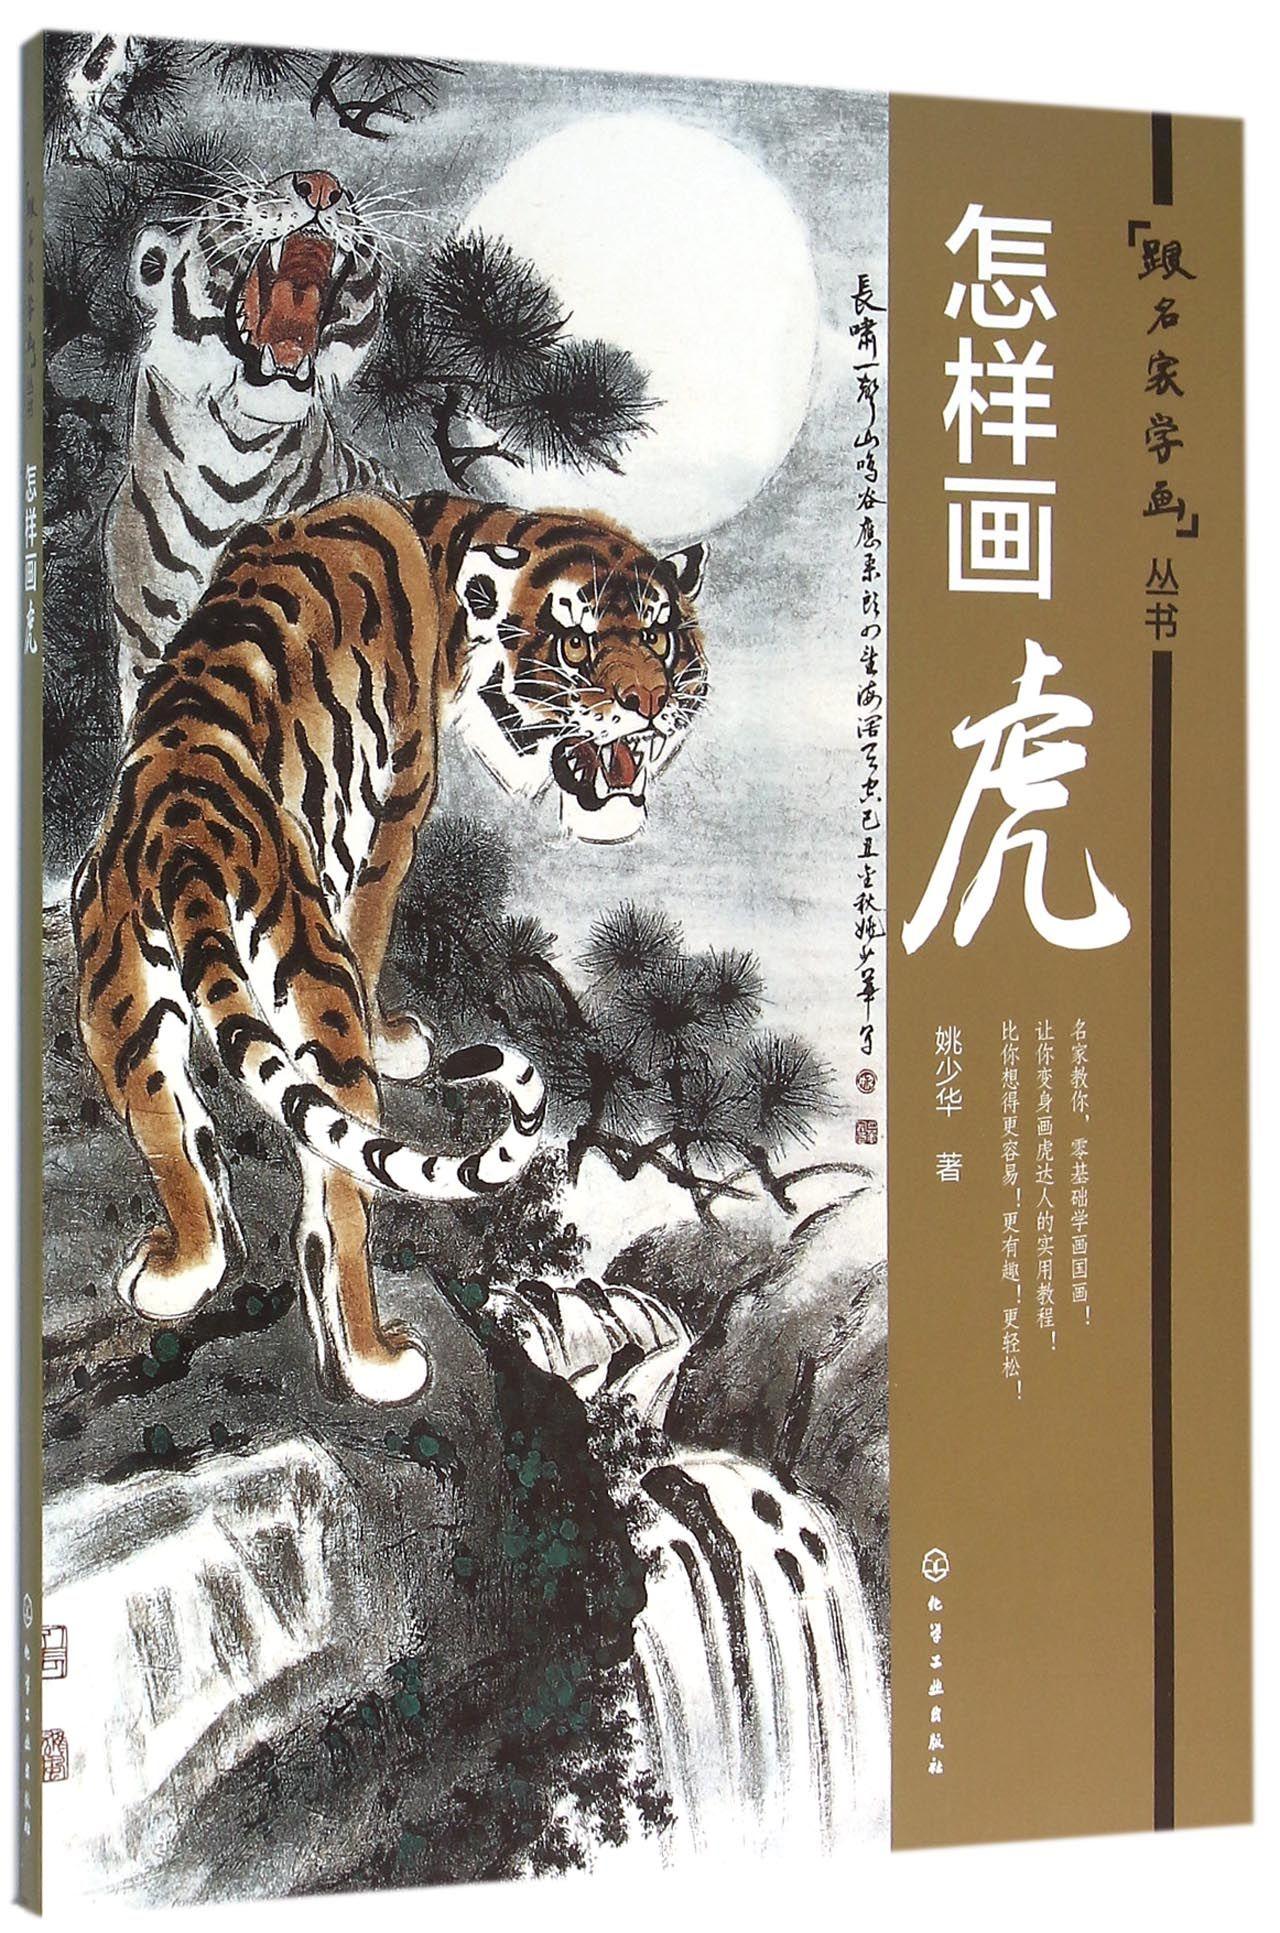 虎为百兽之王,以其刚猛雄健一直受到人们的喜爱,虎画成为了中国国画中的一个重要分支。本书邀请国内著名画家编写,根据笔者多年的绘画经验与体会,详细介绍了画虎的步骤、注意事项、虎的形态以及虎的局部的画法,并提供了少量画作以供读者临摹和学习。 姚少华编著的《怎样画虎》适宜喜爱国画的读者学习。